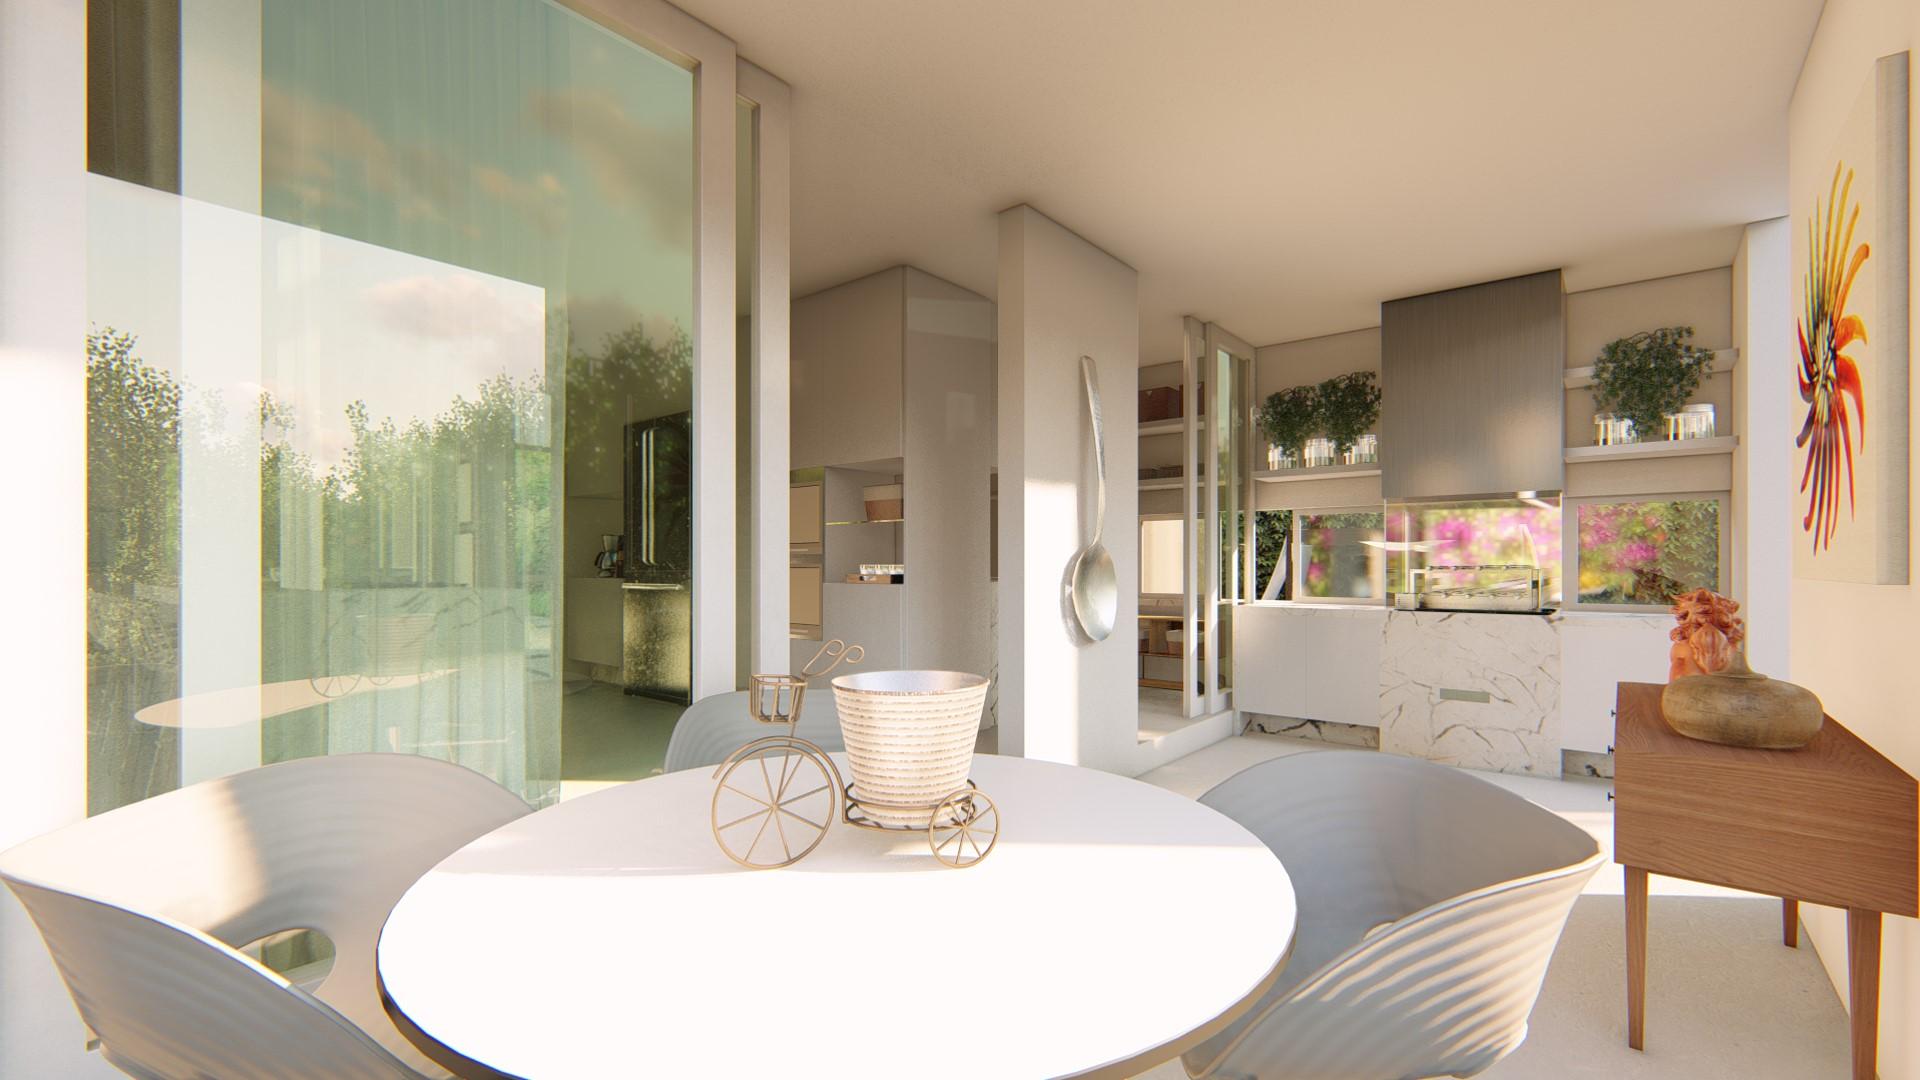 Varanda Gourmet integrada à cozinha e piscina